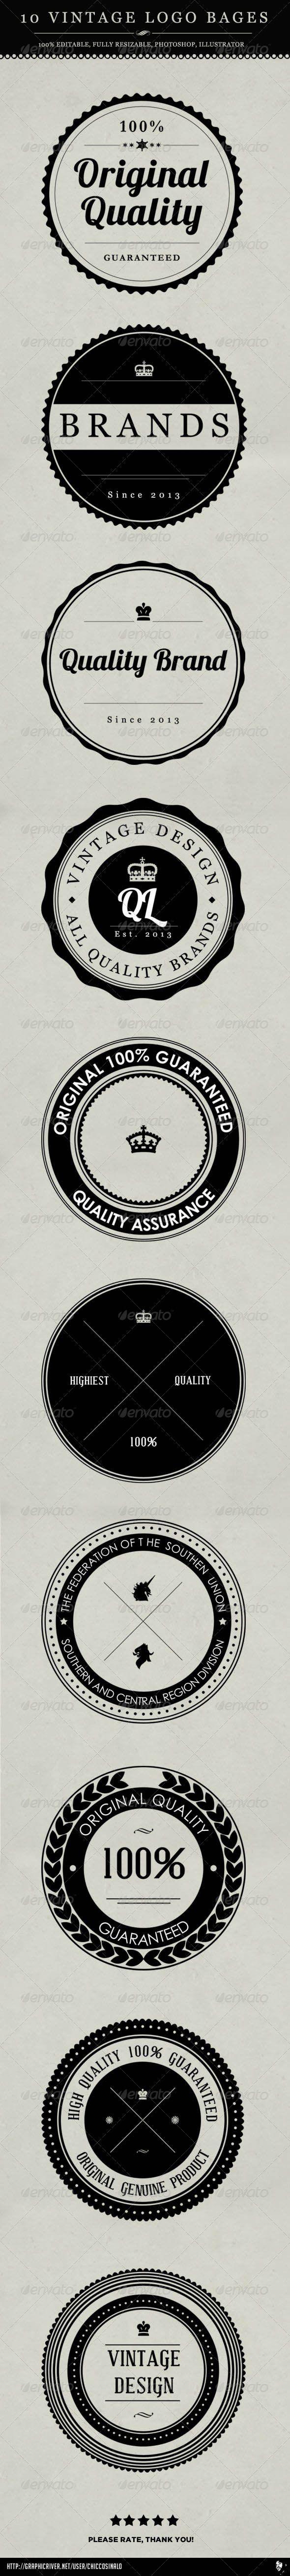 10 Vintage Logo Badges - GraphicRiver Item for Sale